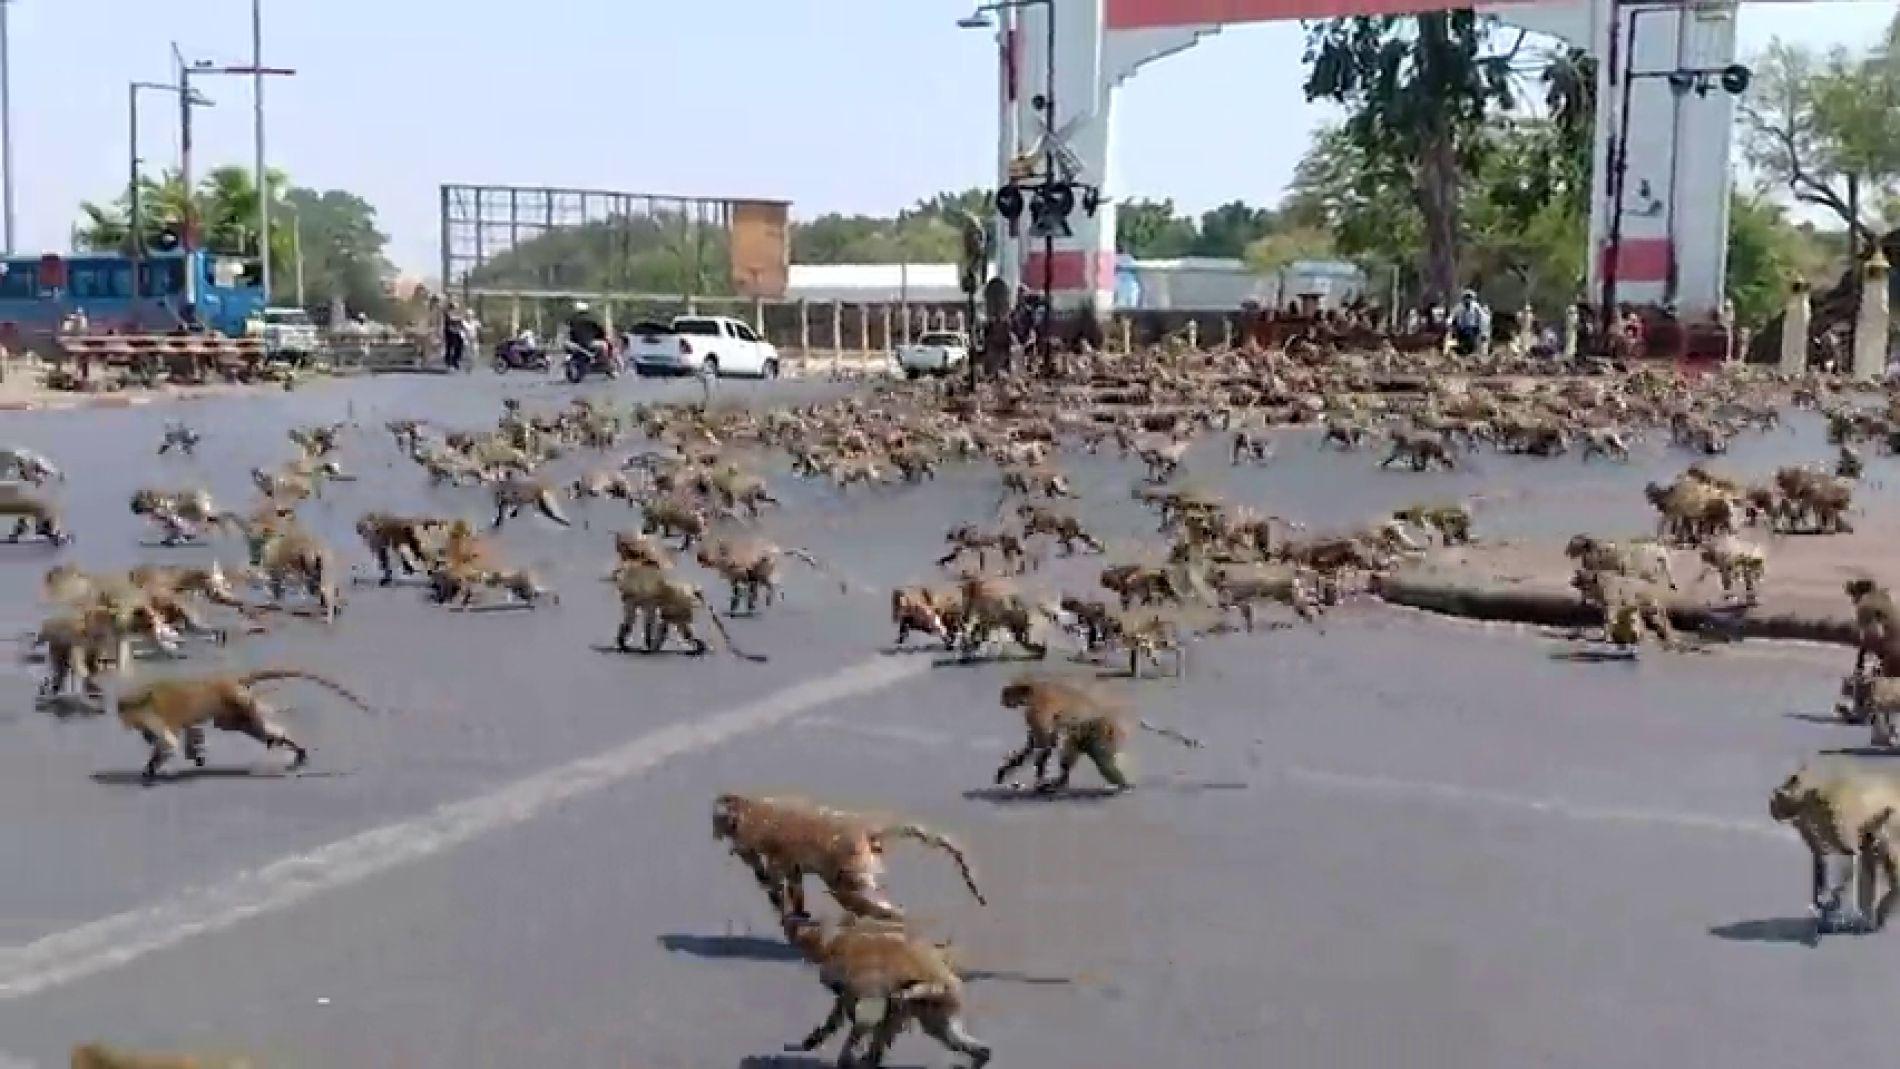 VÍDEO: El coronavirus hace que decenas de monos tailandeses se peleen por un plátano